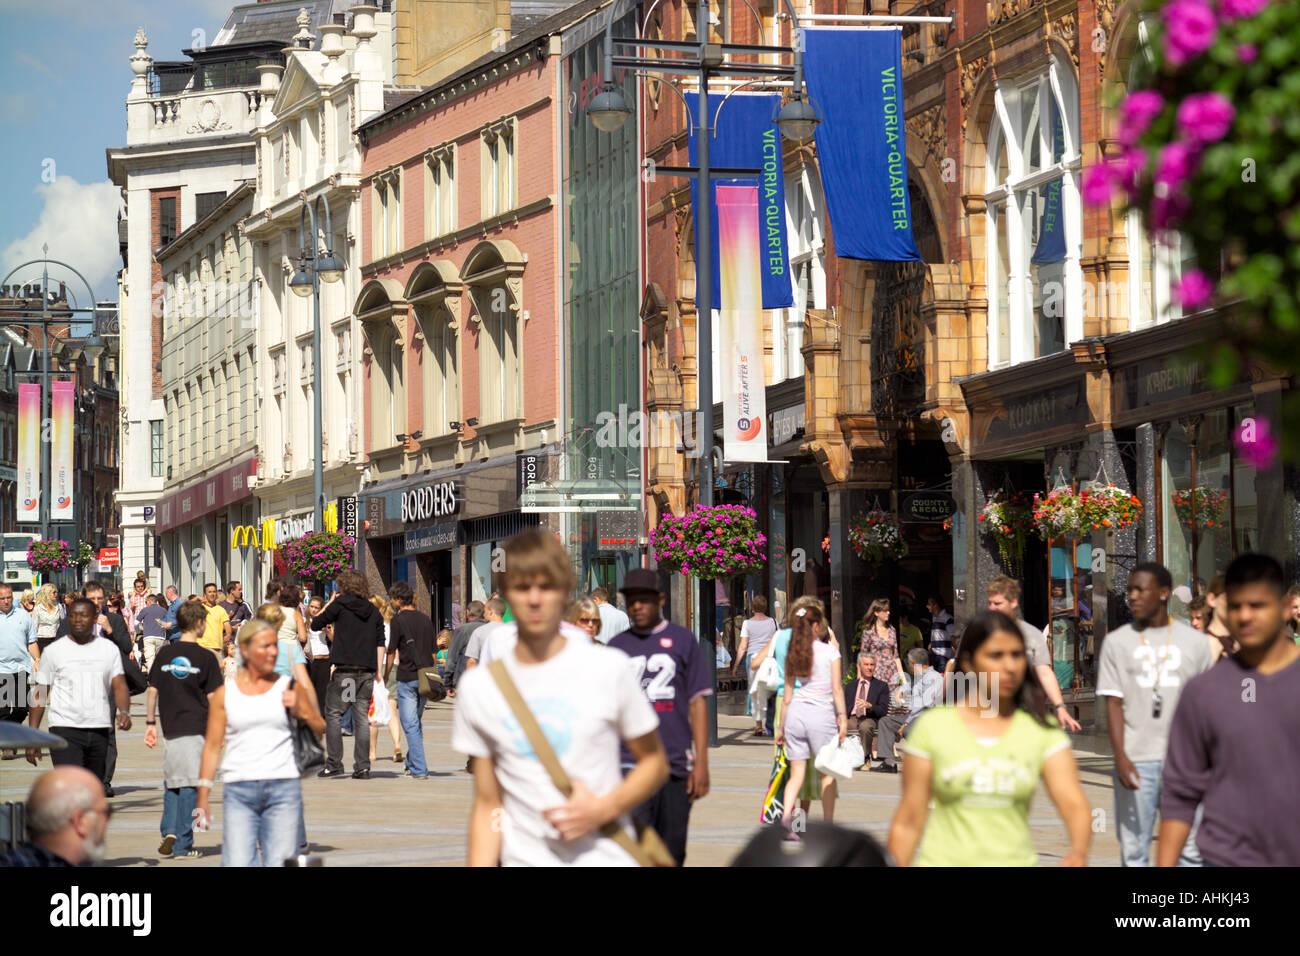 437610999a Briggate Leeds Haupteinkaufsstraße Fußgängerzone und Victoria Viertel  einkaufen Arcade-Leeds England West Yorkshire UK Stockbild